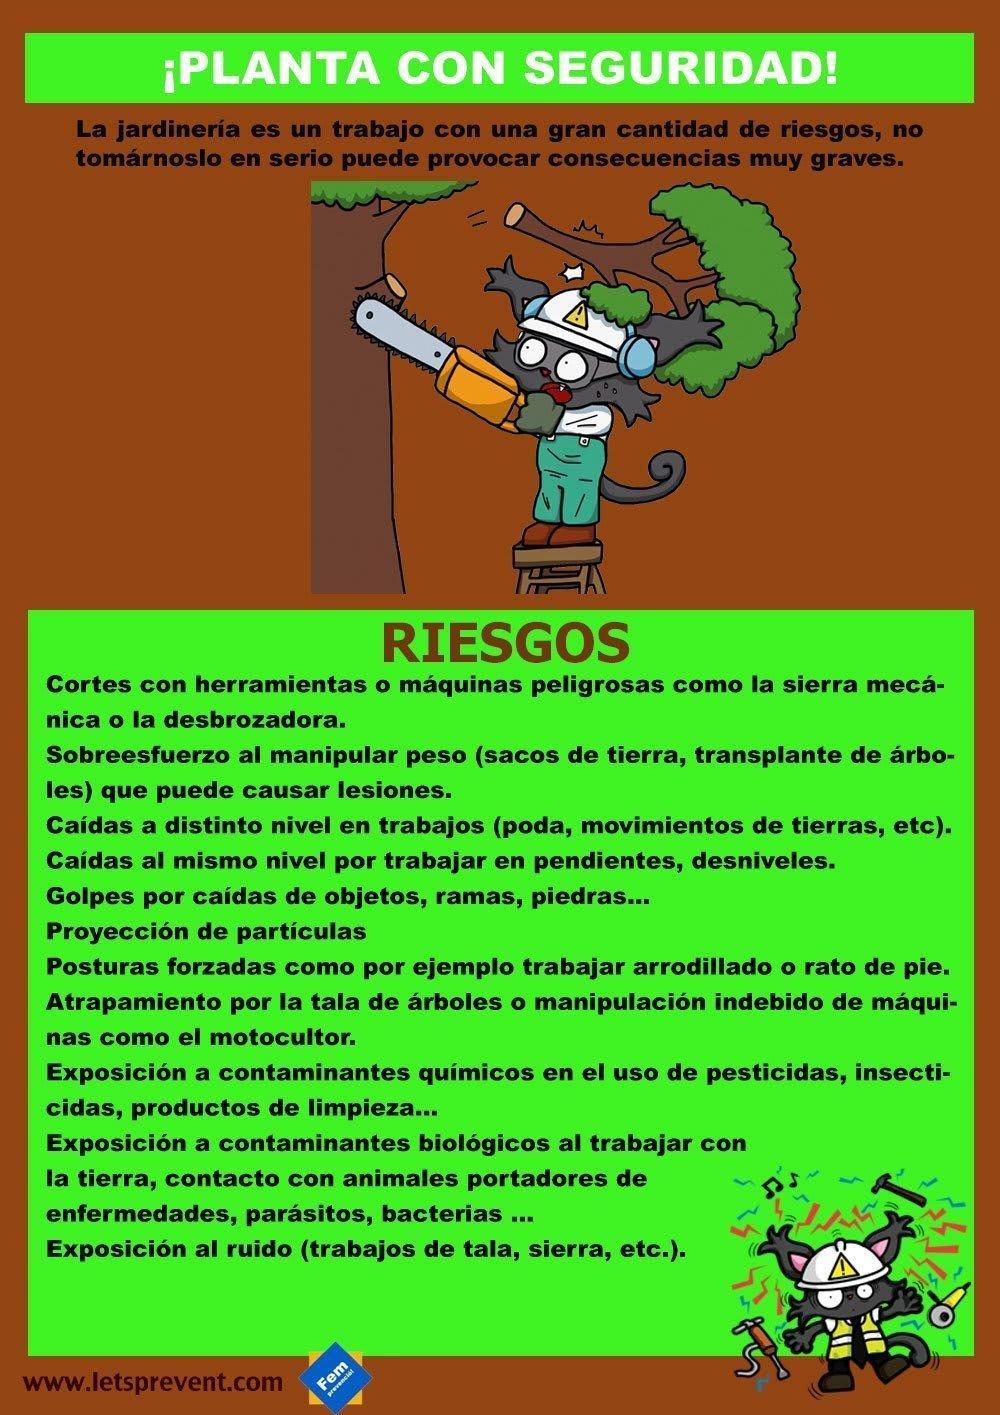 Fichas informativas jardinero página 1